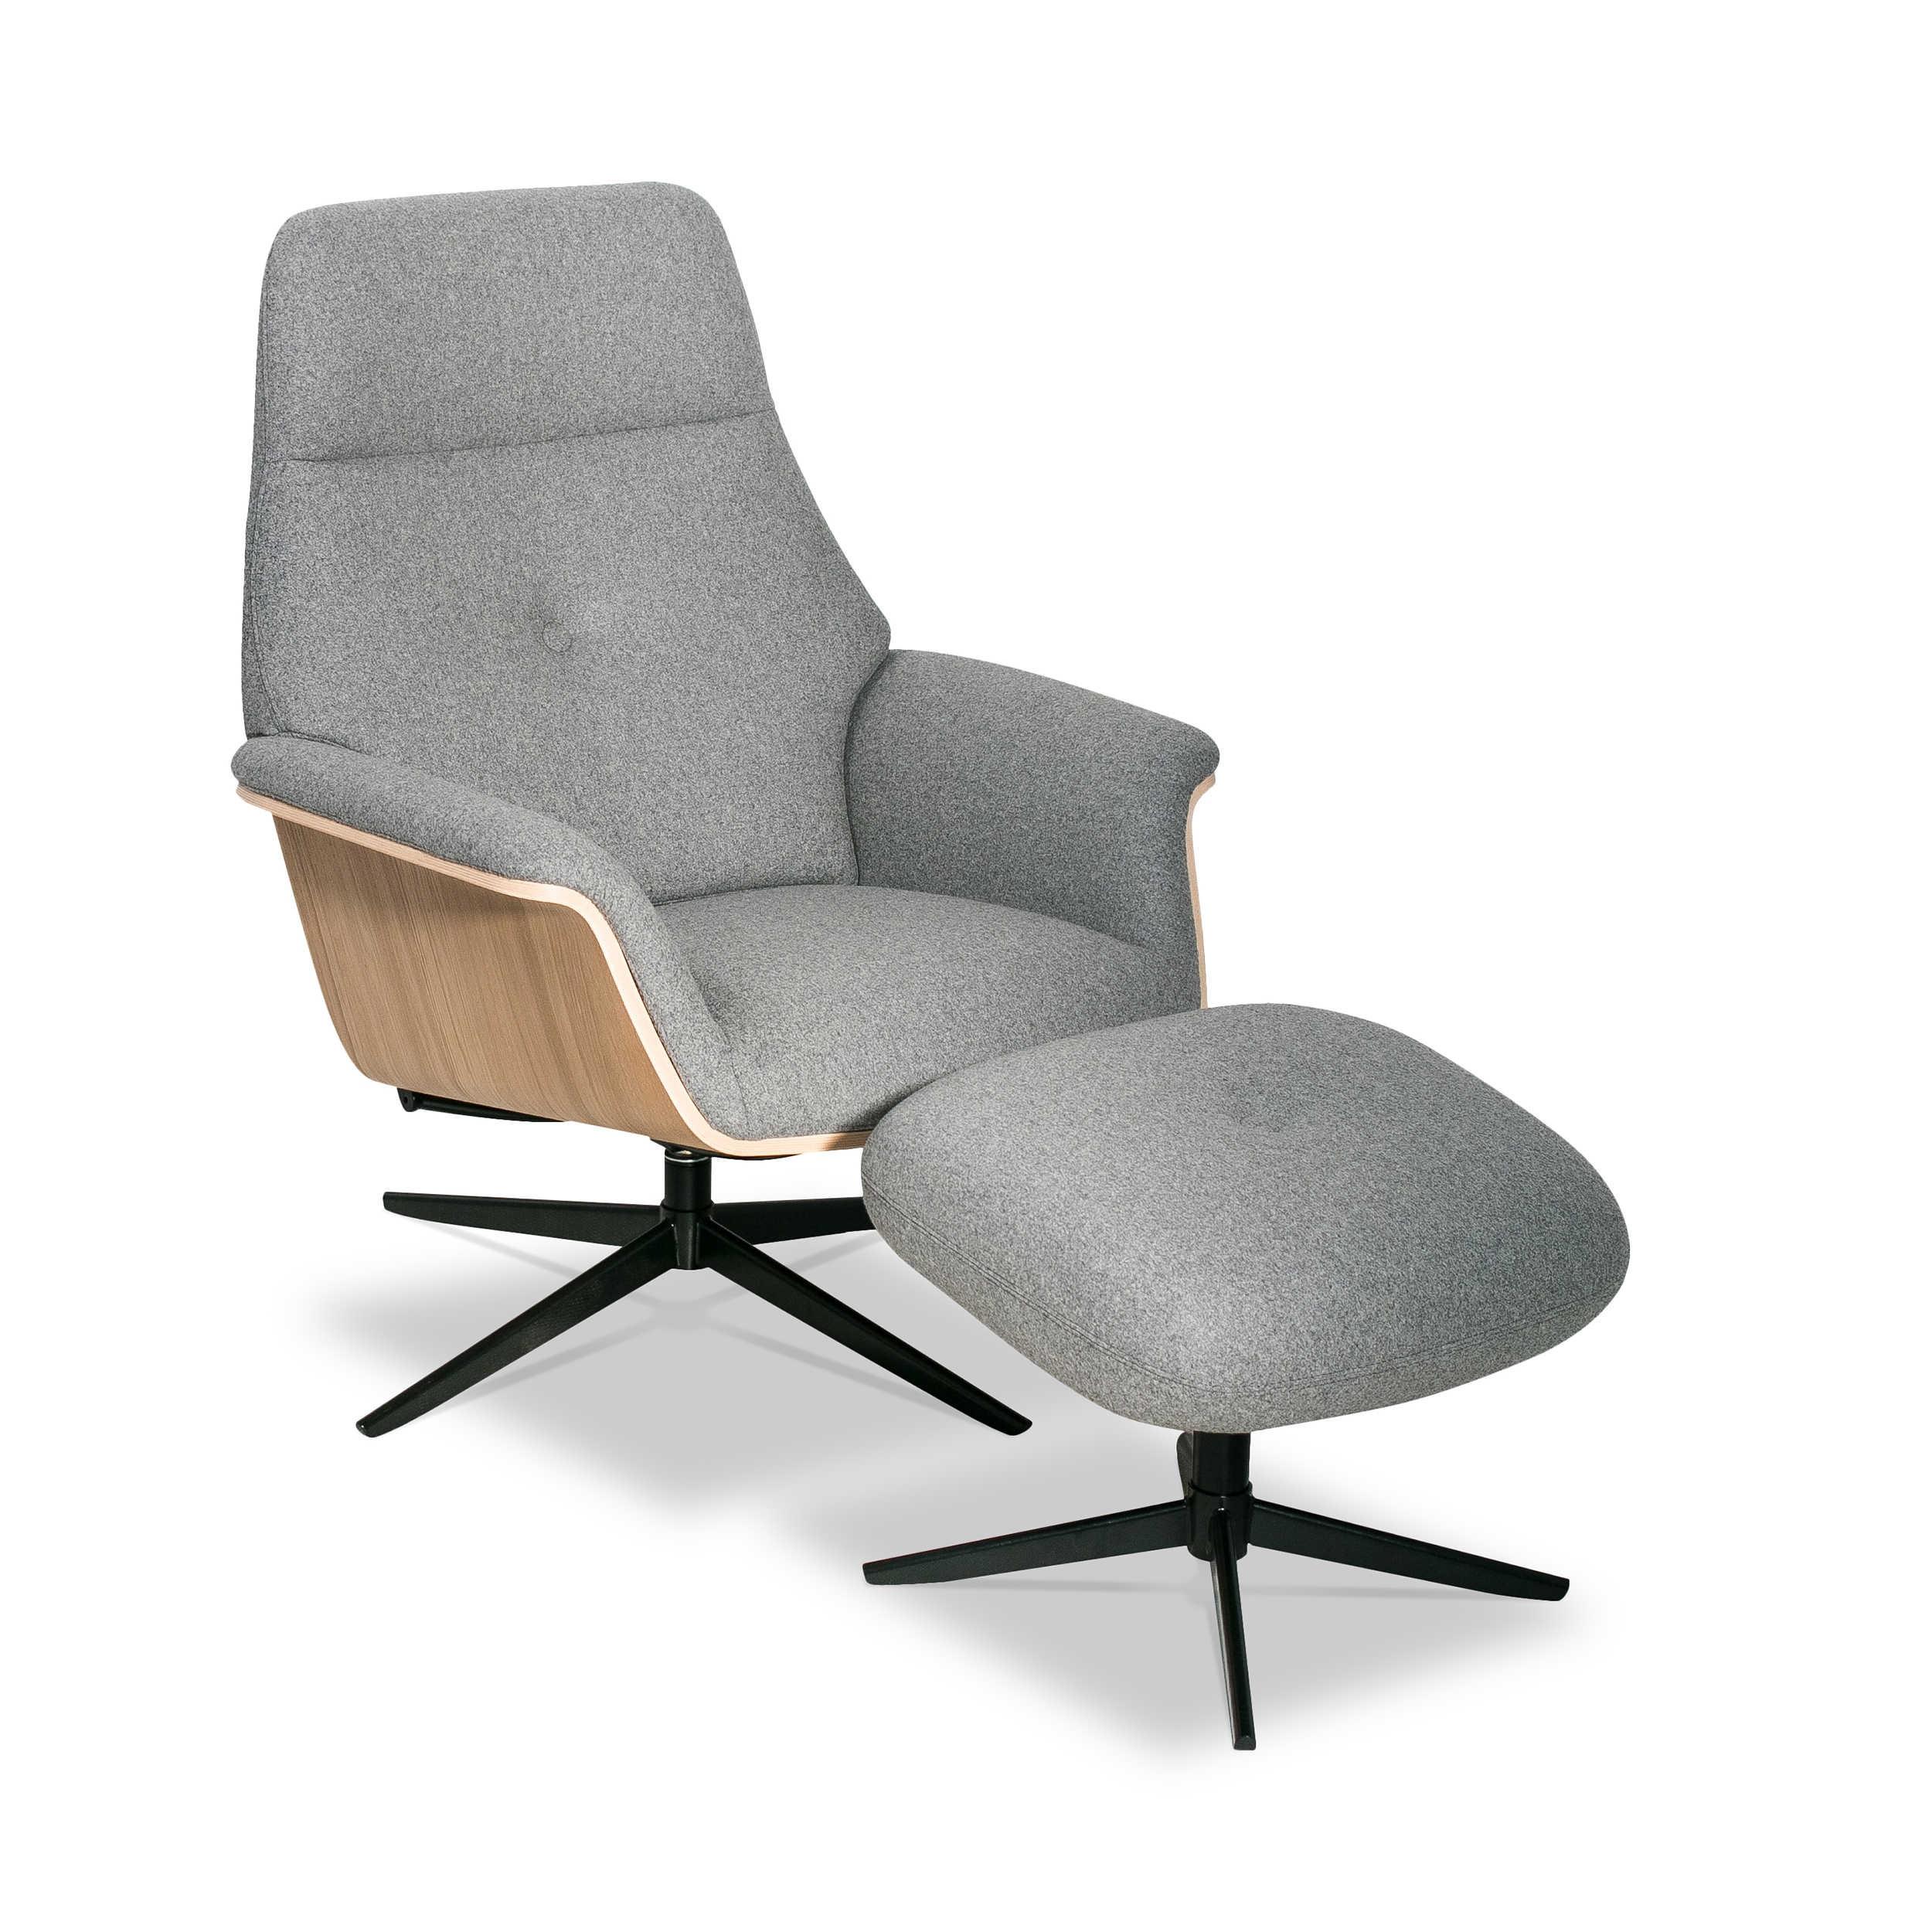 kebe sessel mit hocker rest eiche grau stoff online kaufen bei woonio. Black Bedroom Furniture Sets. Home Design Ideas